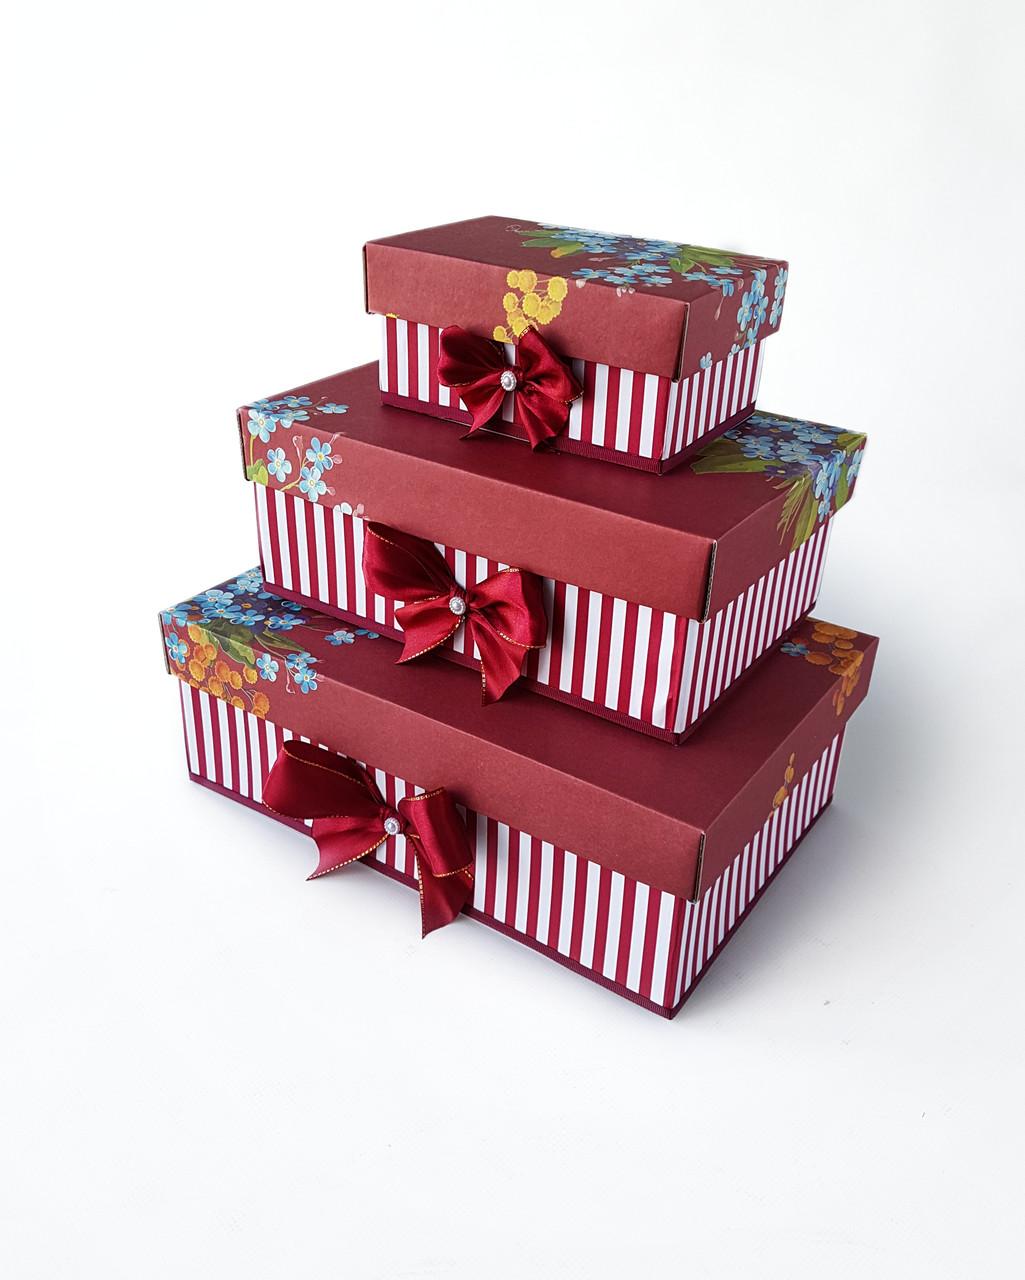 """Прямоугольный подарочный комплект коробок ручной работы в бордовом тоне с цветочным букетом - Интернет-магазин """"Box"""" в Ровненской области"""